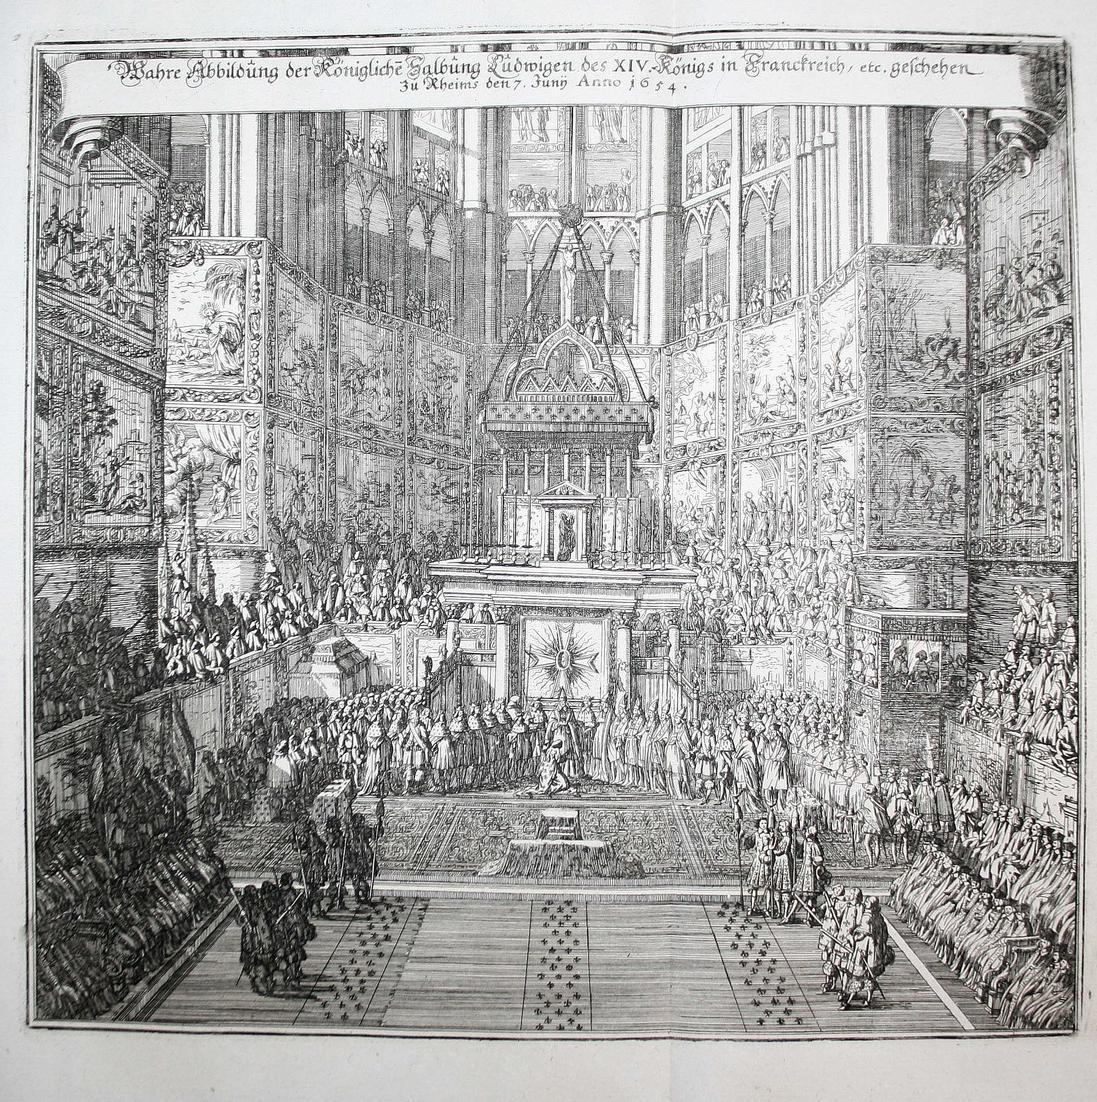 Wahre Abbildung der Königlichen Salbung Ludwigen des XIV. Königs in Frankreich, geschehen zu Rheims, den 7. Ju 0